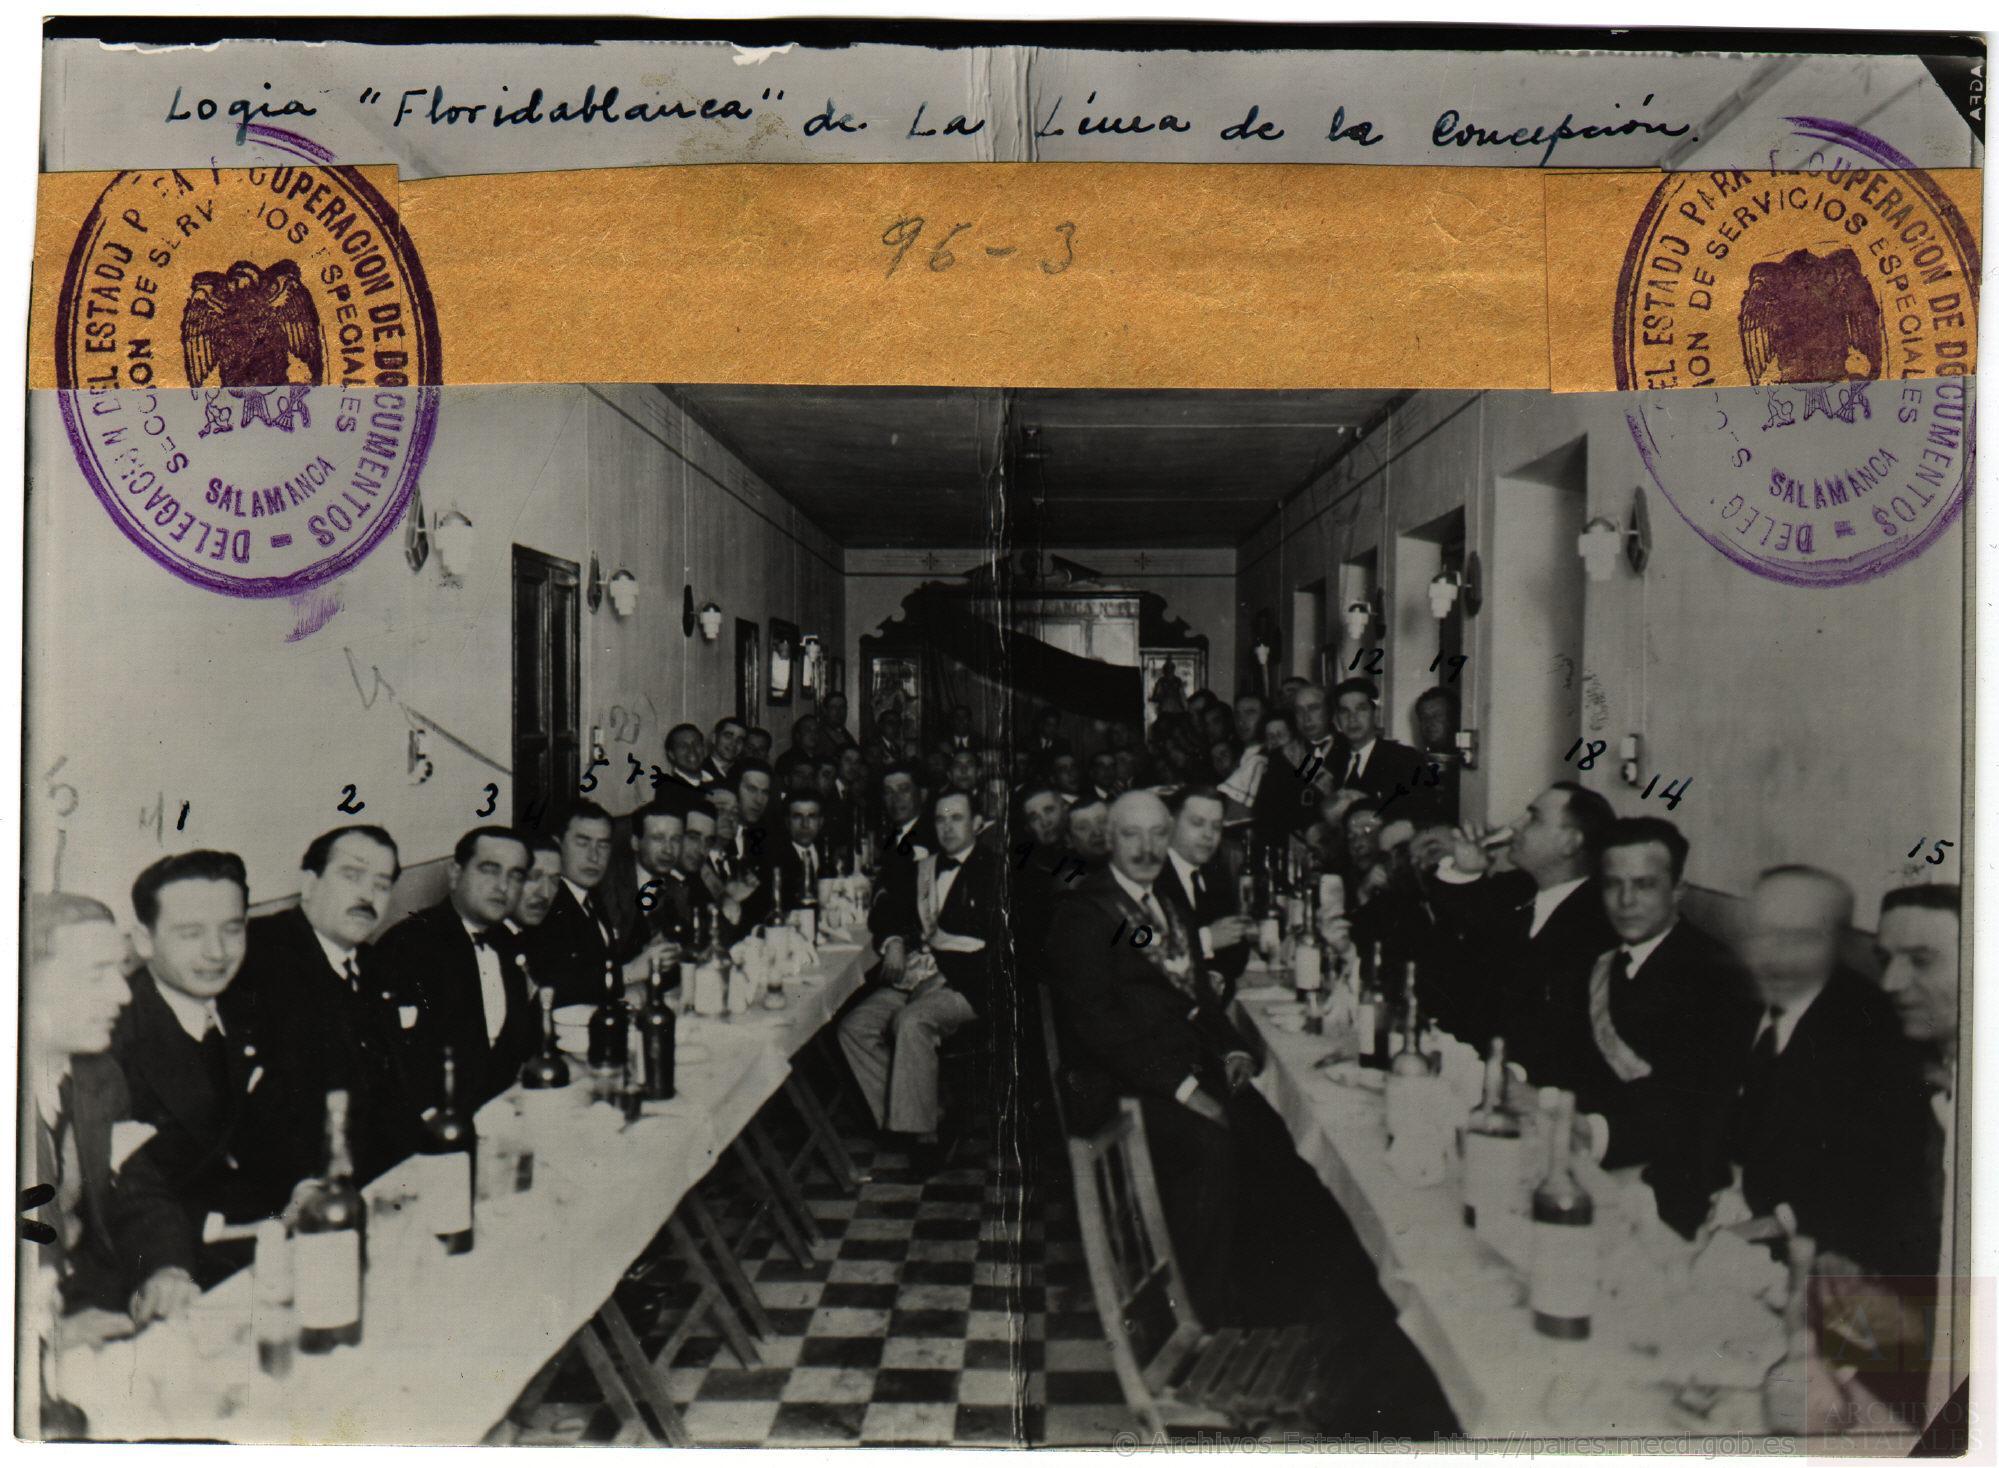 Logia Floridablanca, Línea de la Concepción